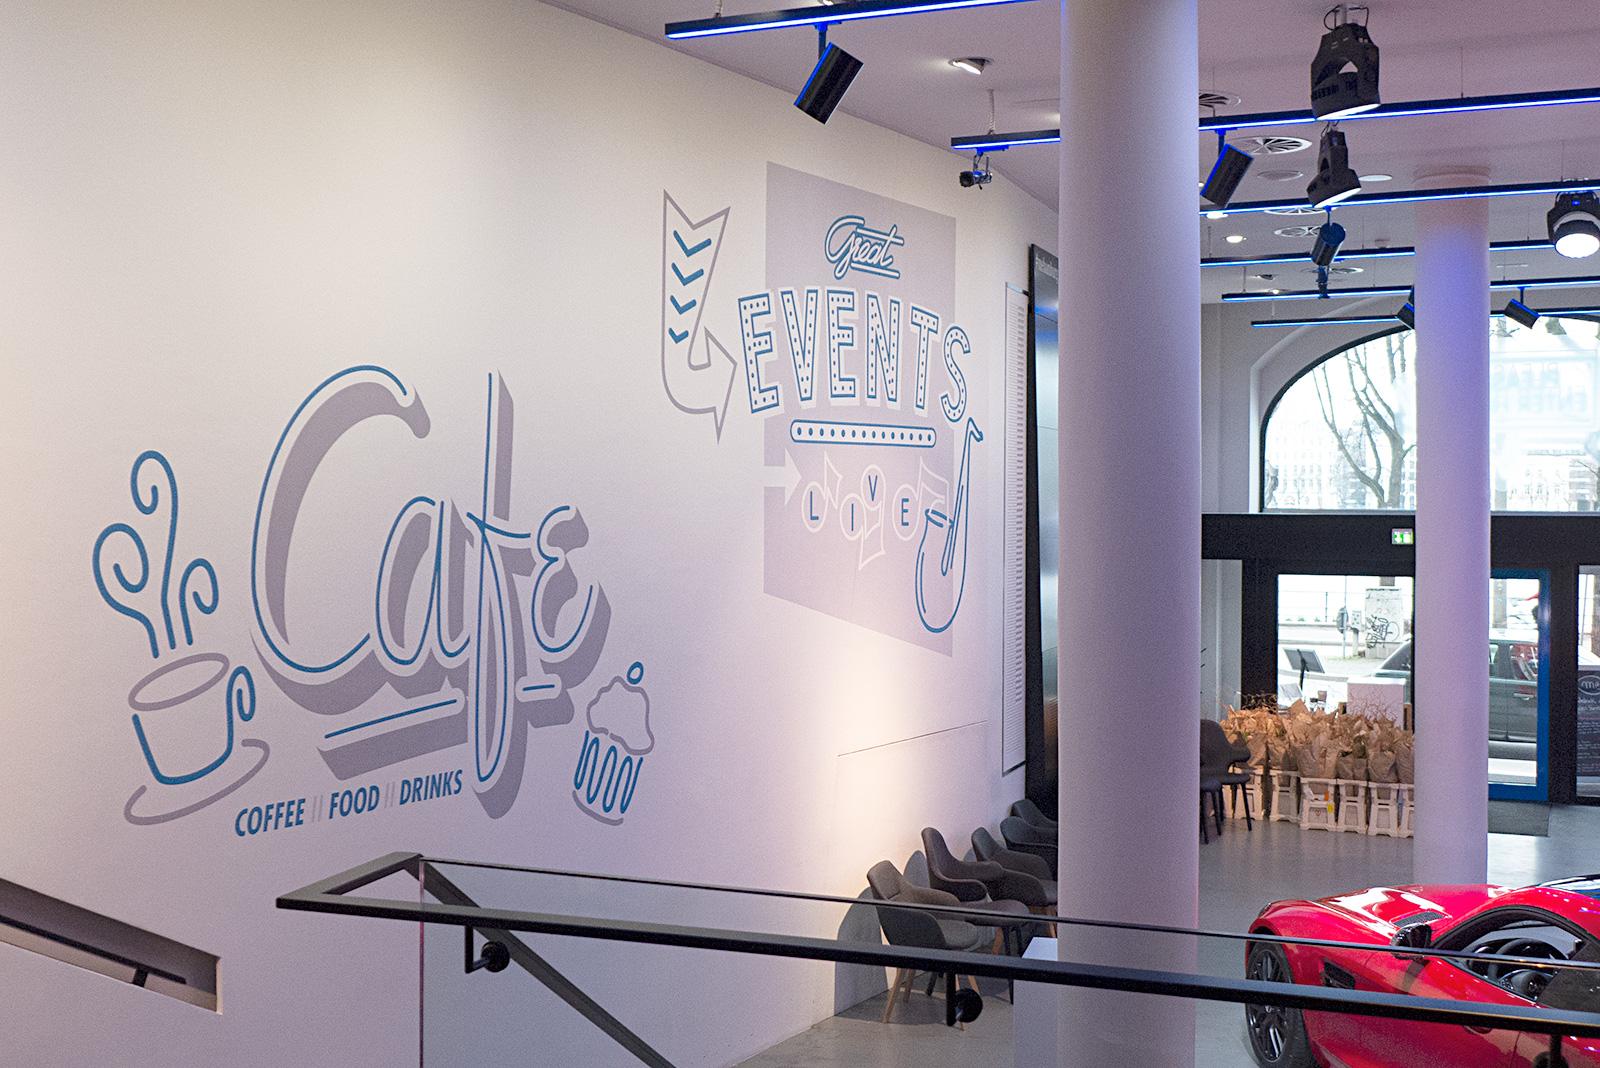 Wandgestaltung - Cafe und Events mercedes store hamburg